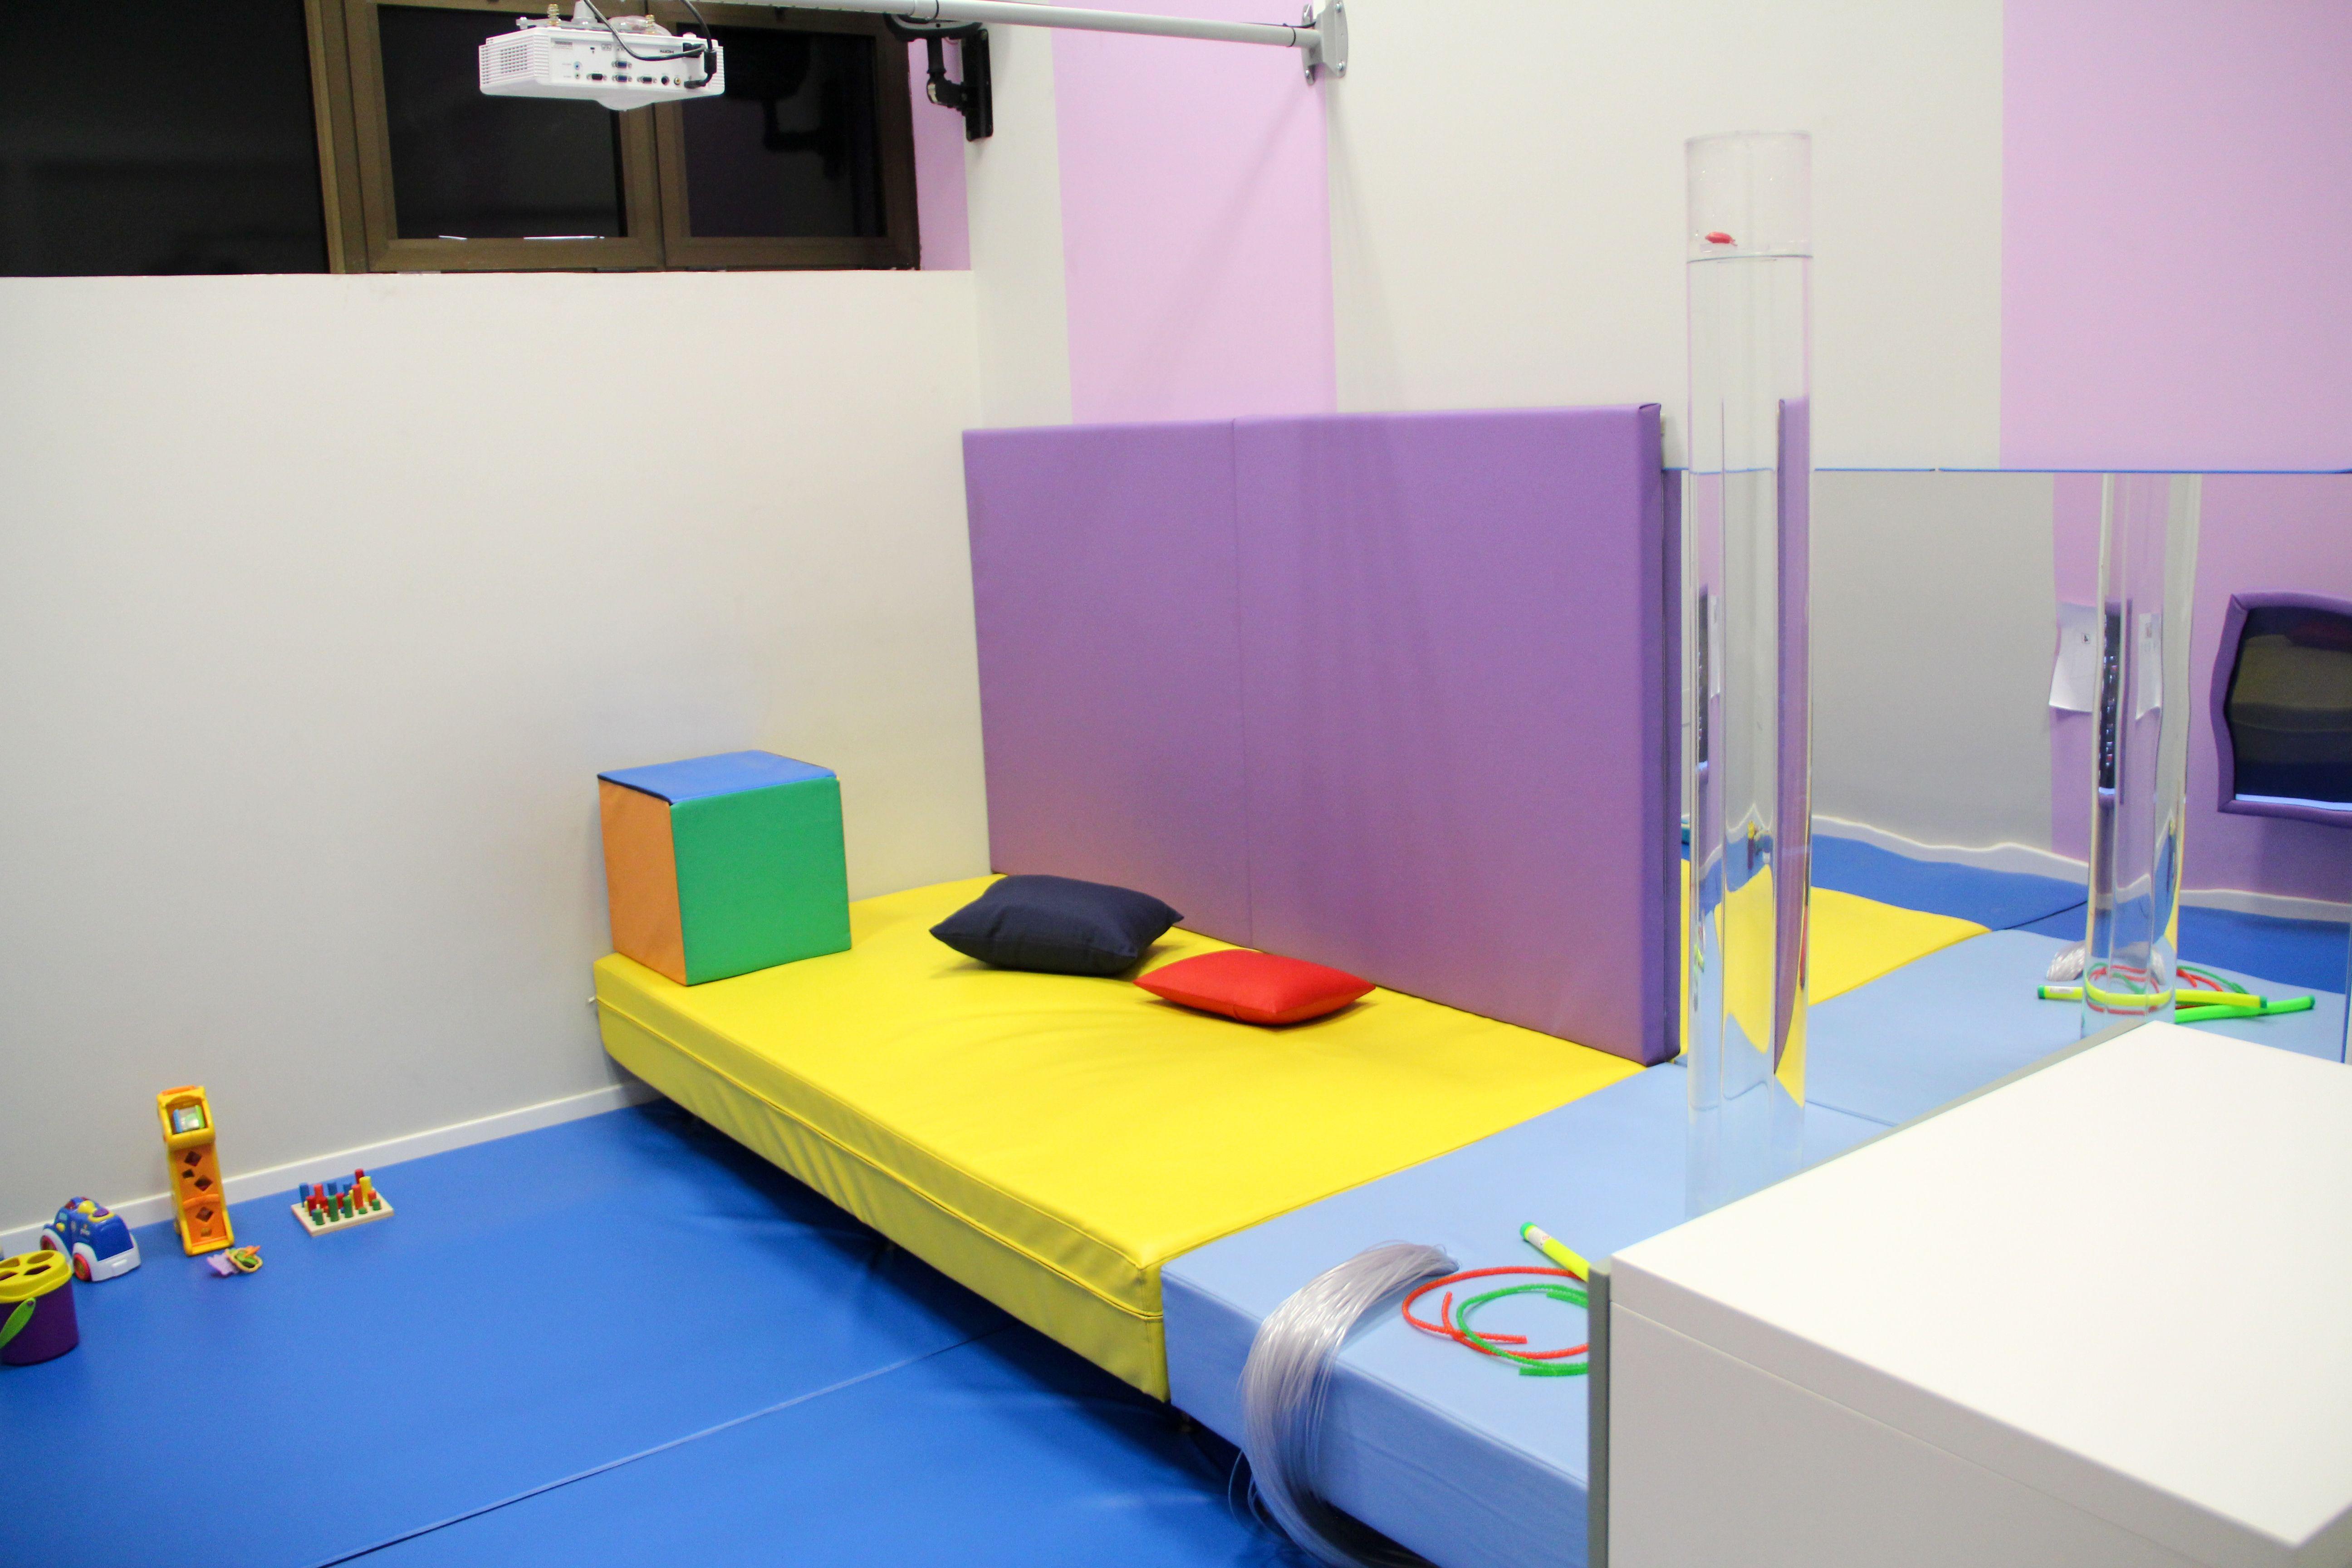 Centro Altea da atención de calidad a niños y adolescentes